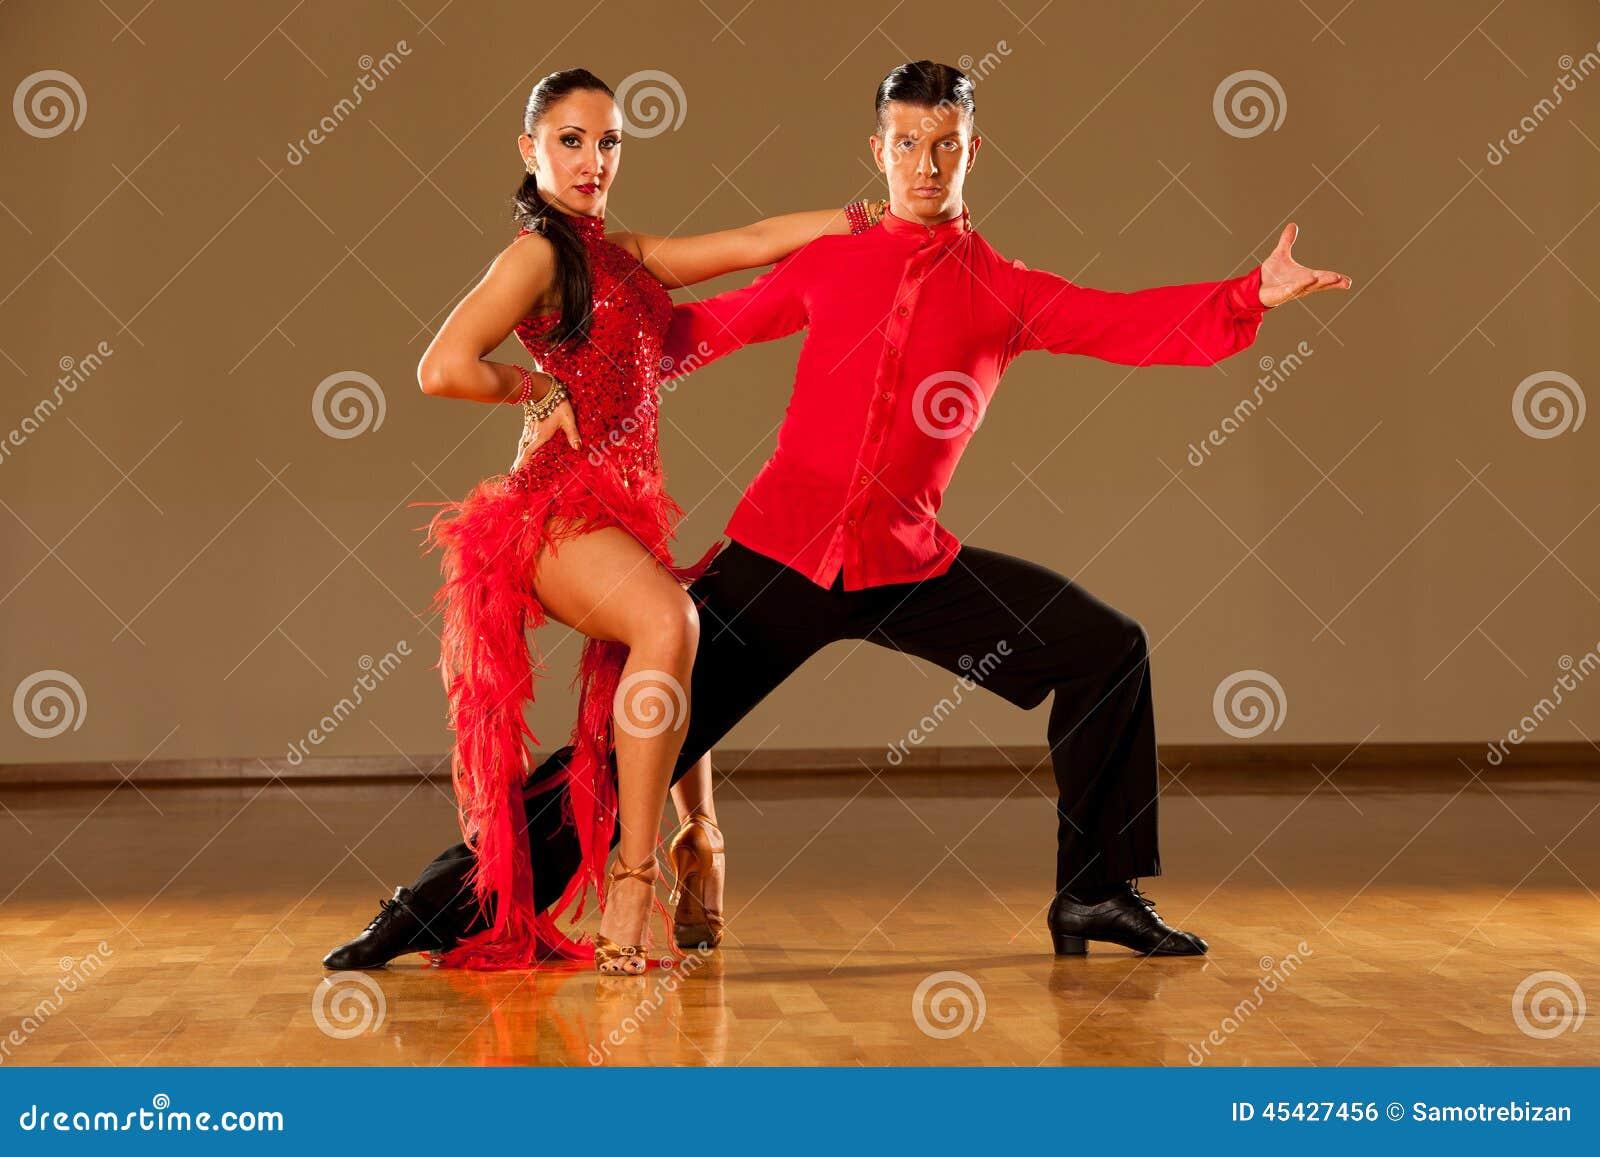 https://thumbs.dreamstime.com/z/pares-de-la-danza-del-latino-en-la-acci%C3%B3n-samba-salvaje-de-baile-45427456.jpg